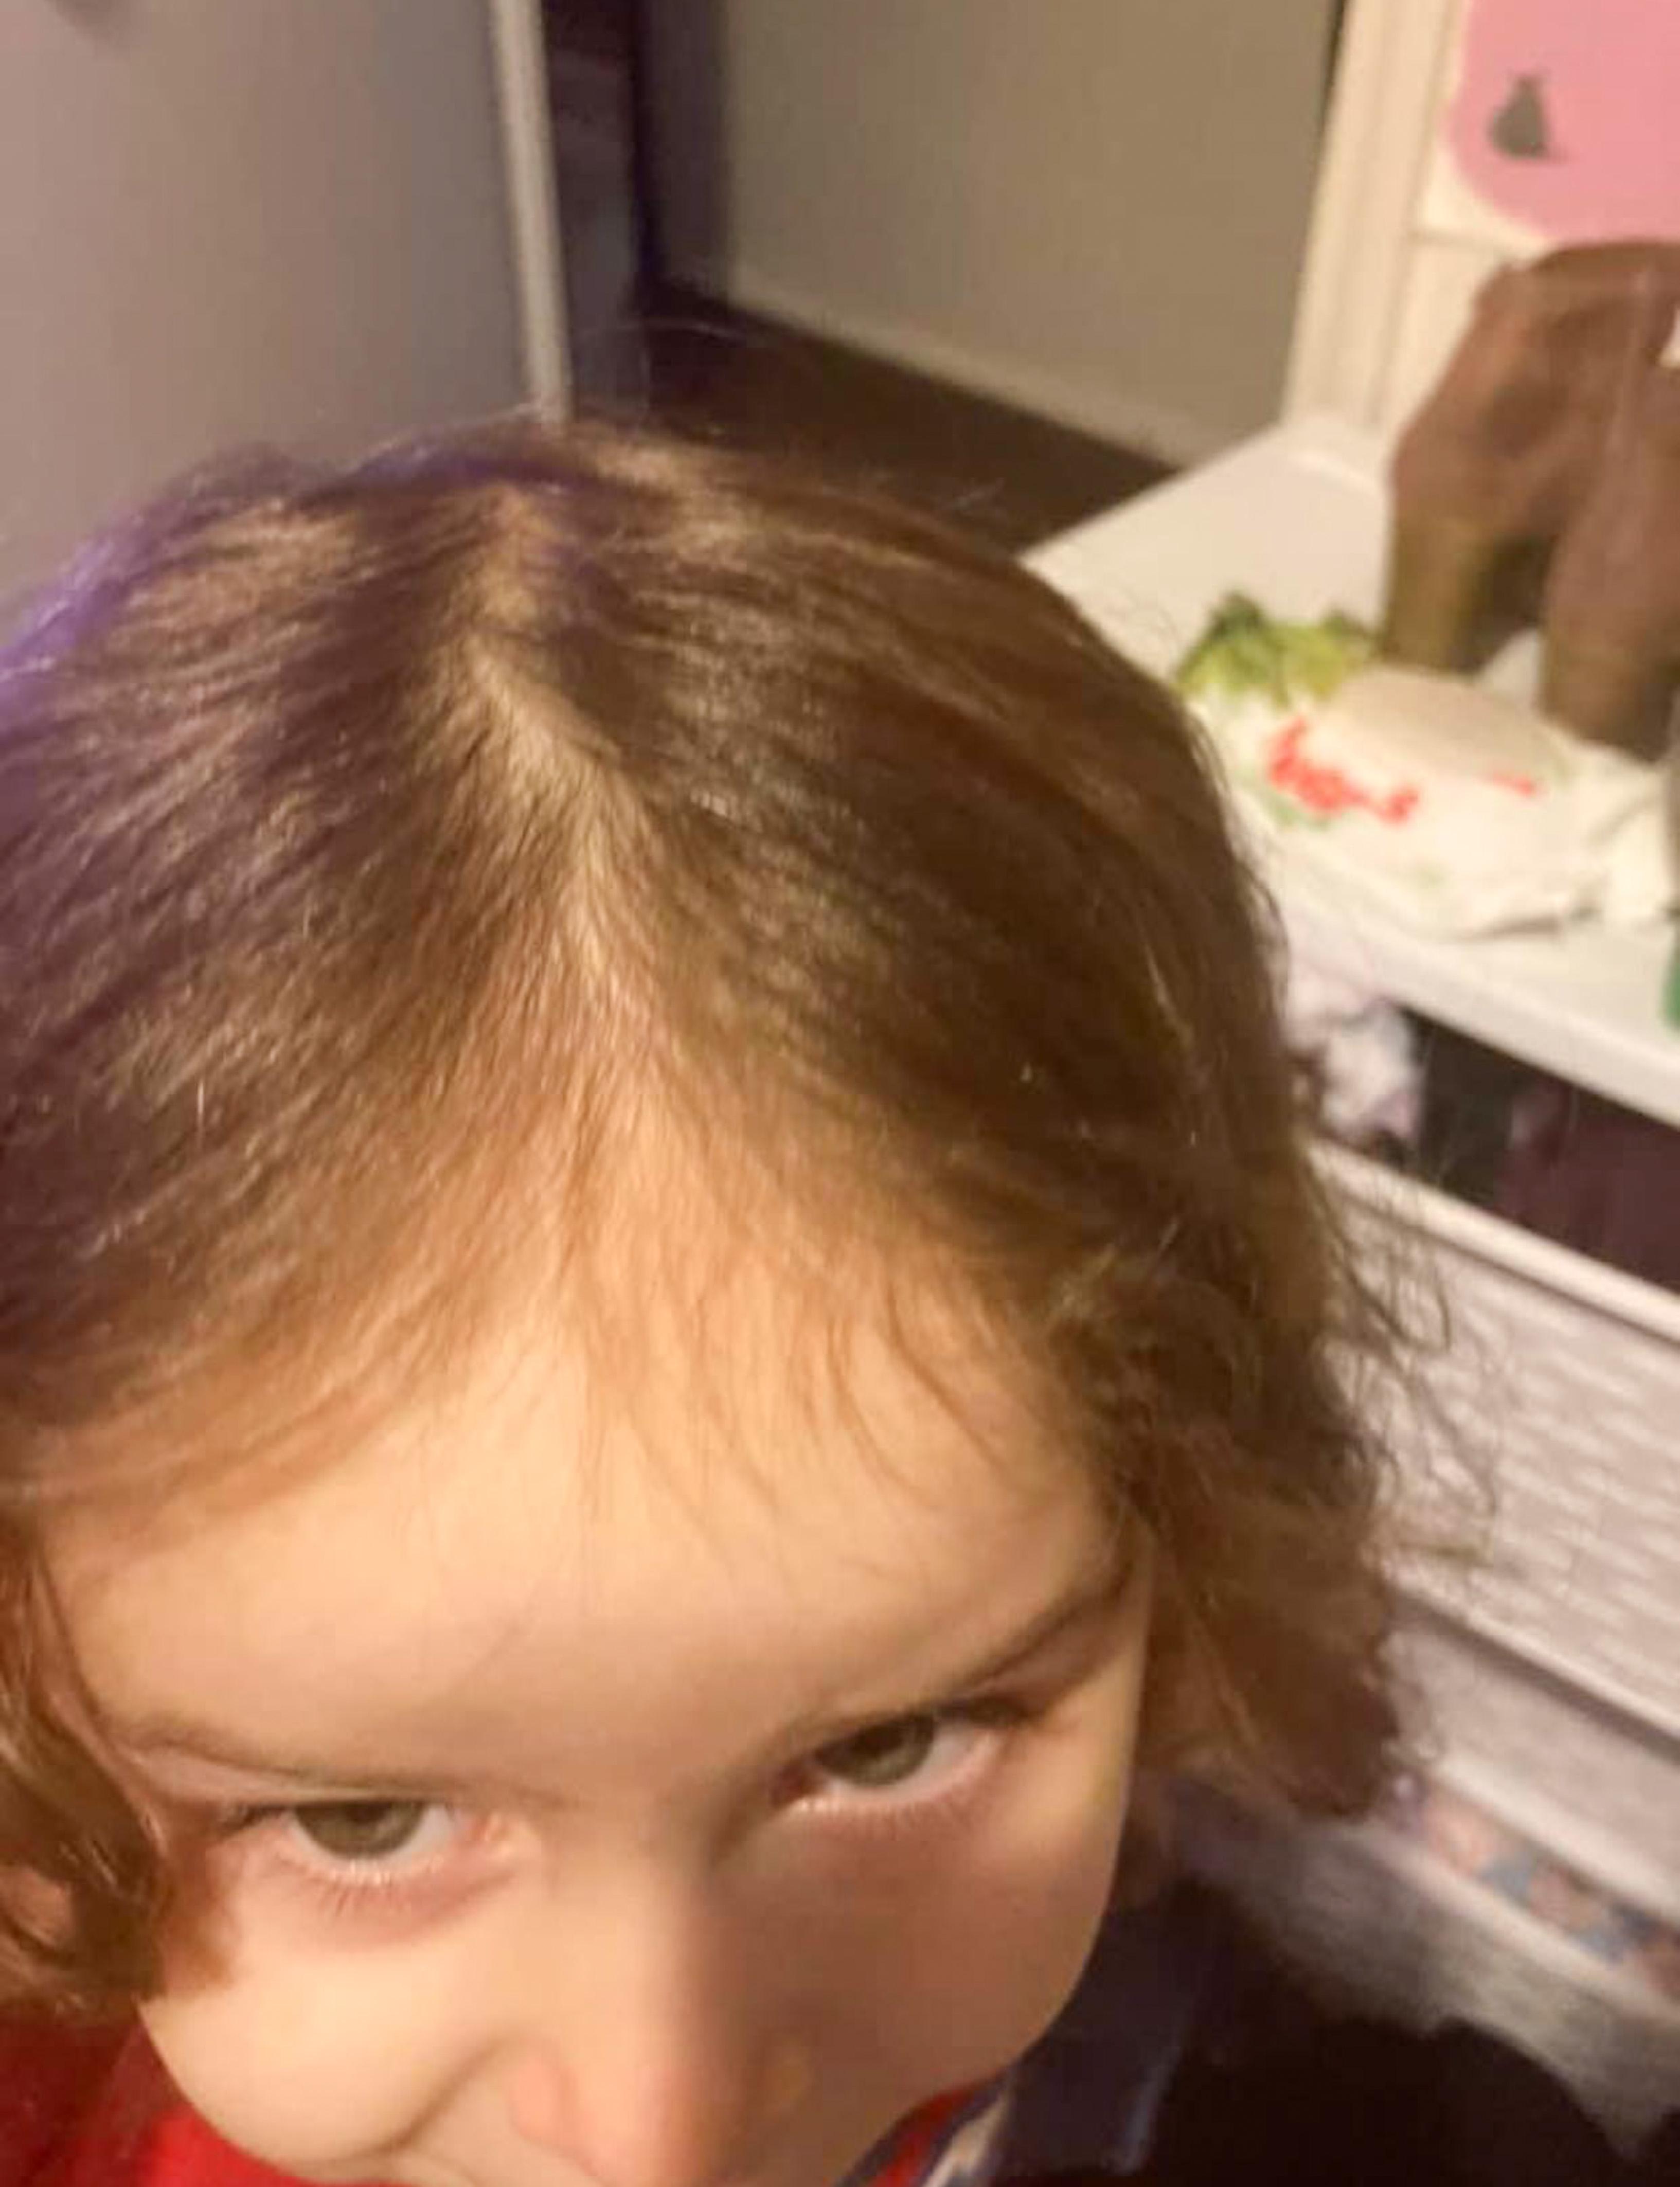 Mum Claims Johnson's Baby Shampoo Left Her Little Girl Going Bald